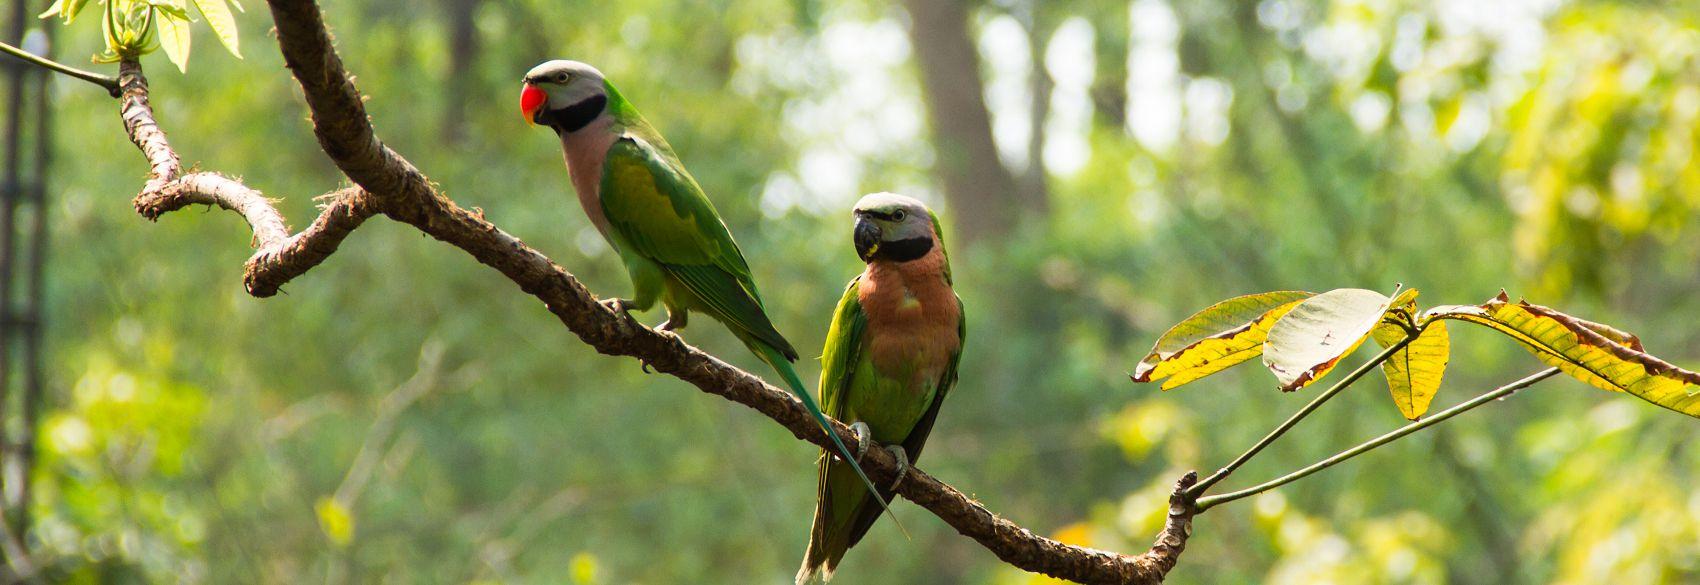 Розовогрудый кольчатый попугай